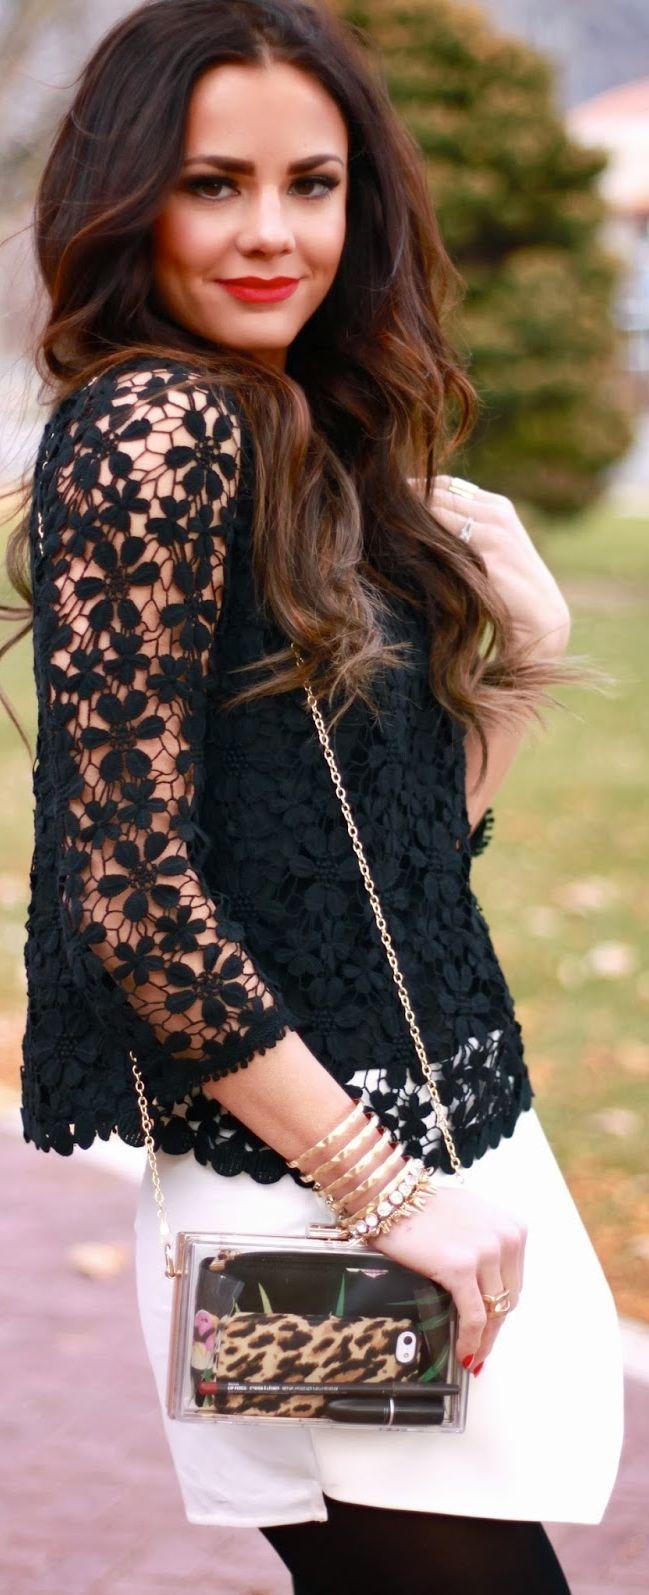 Black mini lace shirt with white mini skirt